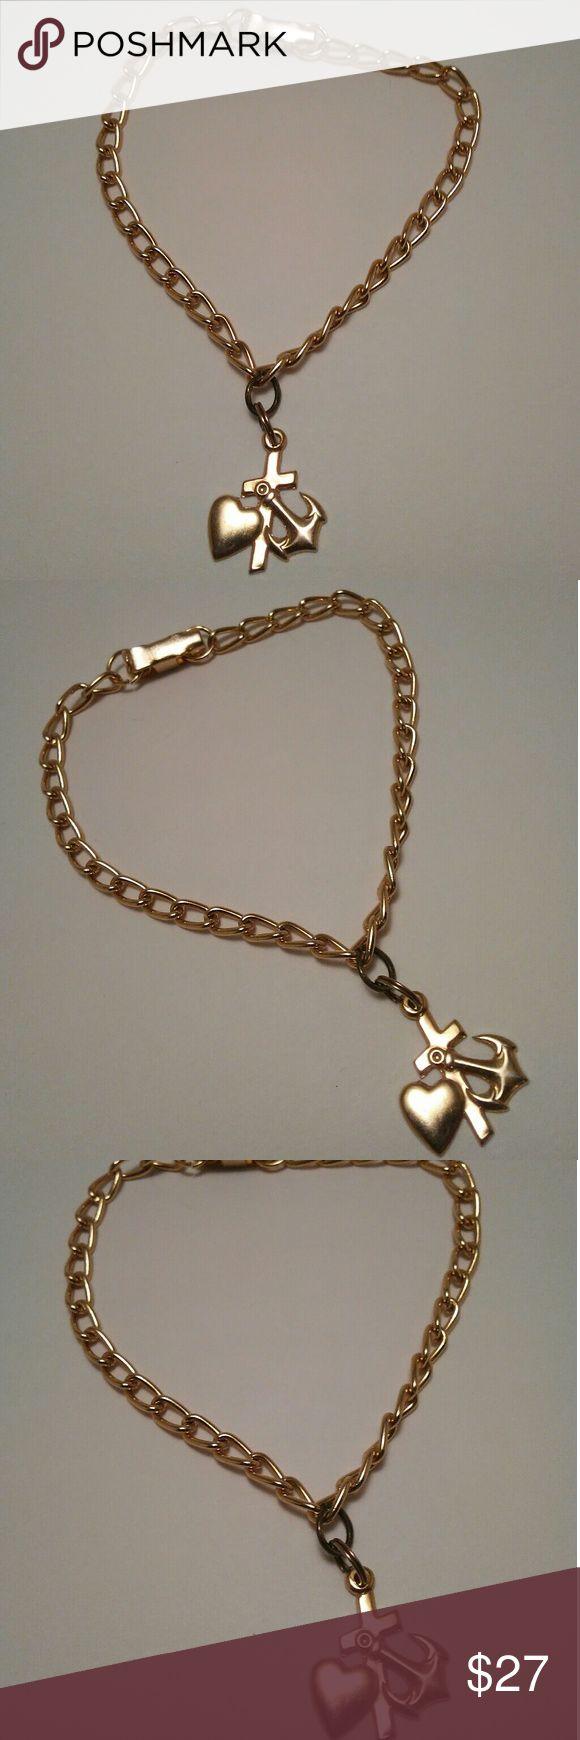 Anchor, Heart & Cross Gold Chain Bracelet Anchor, Heart & Cross Gold Chain Bracelet -7 inches  -Handmade Jewelry Bracelets